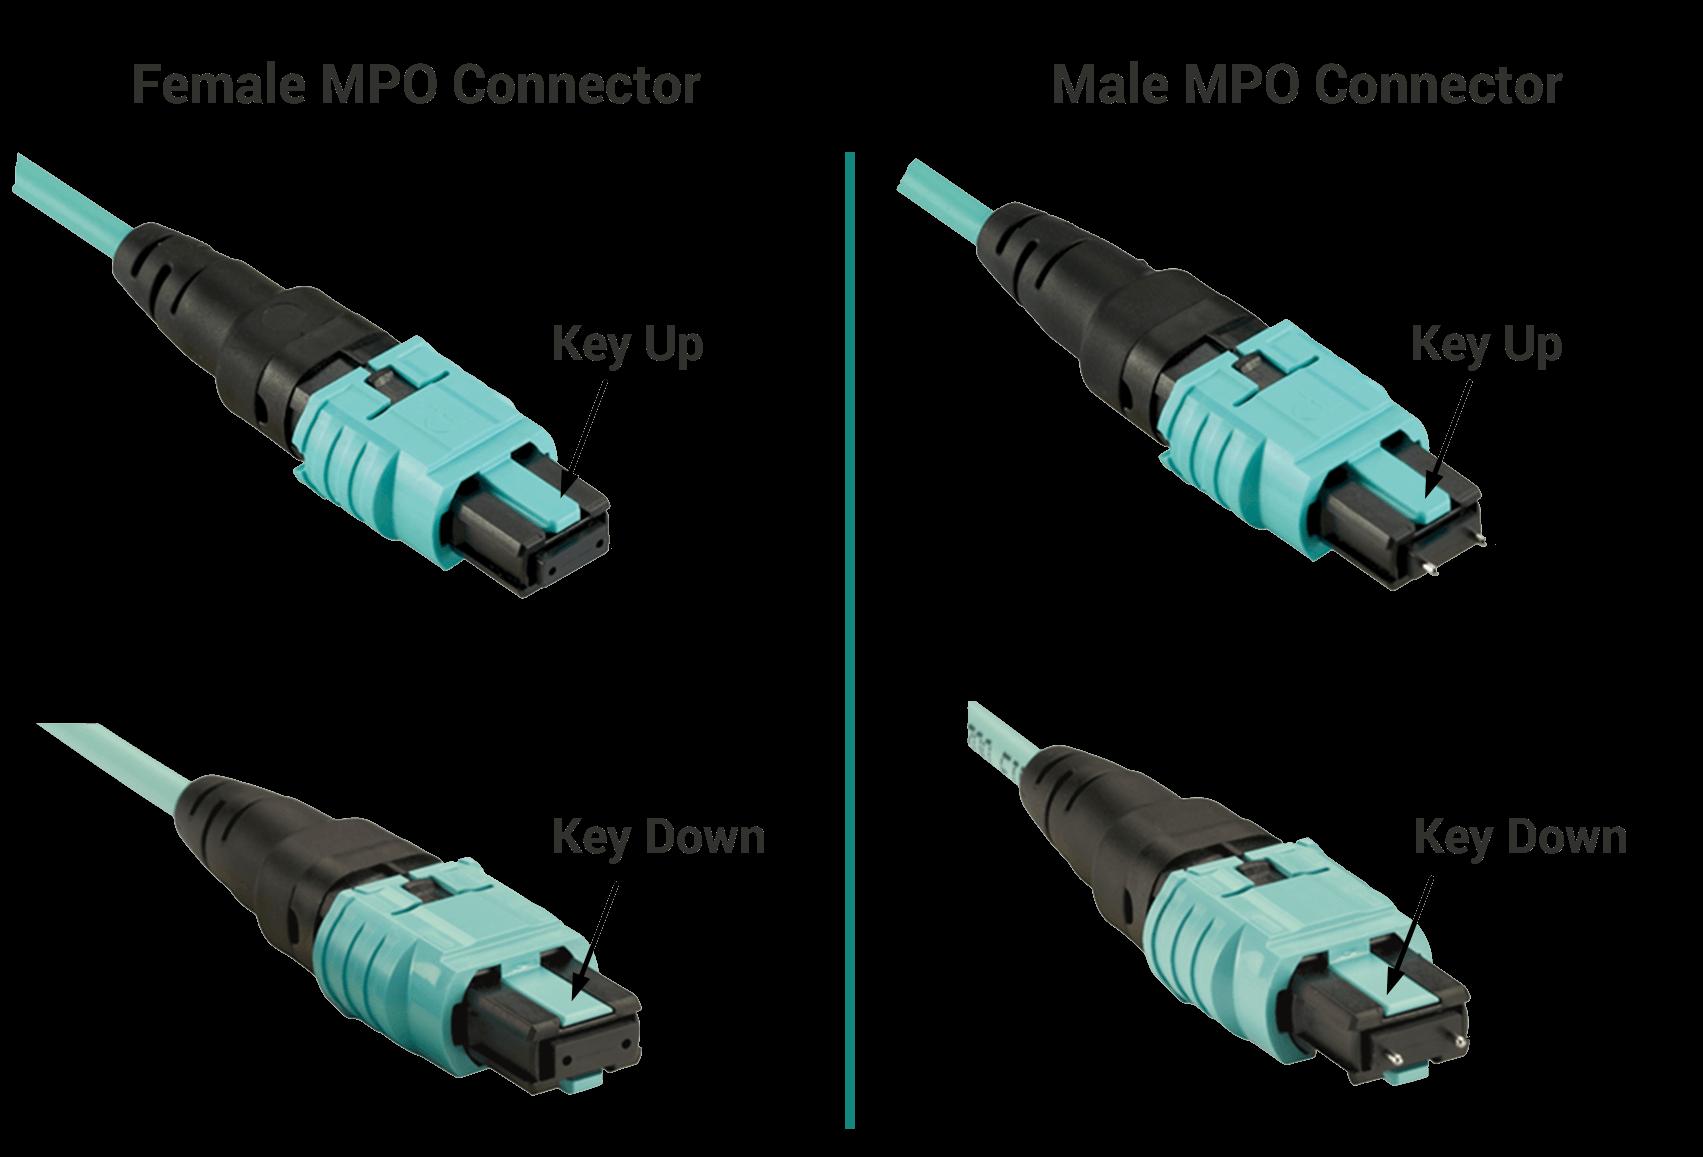 male-female-mpo-connectors